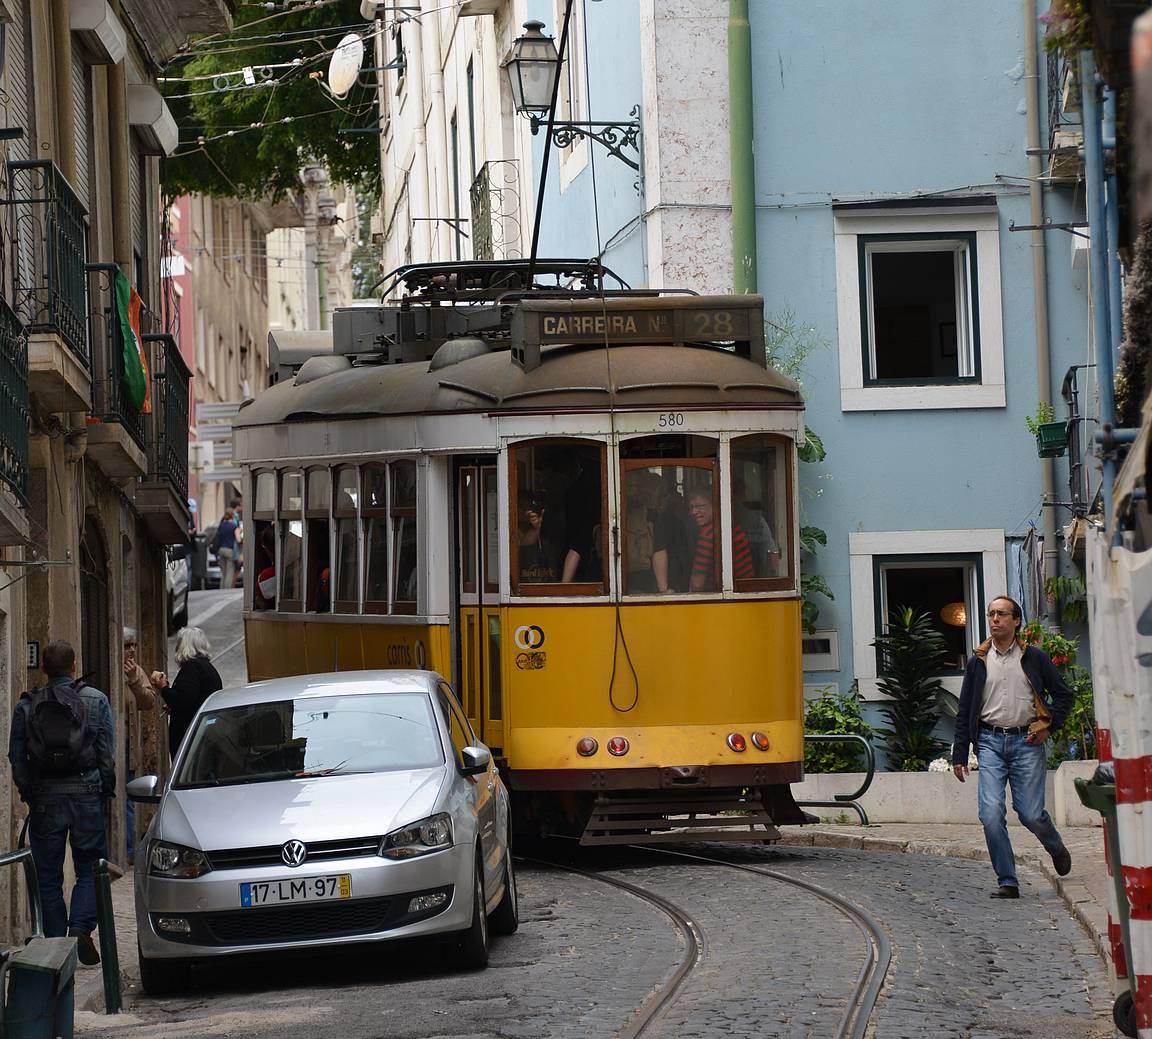 Lissabonin kapeilla kaduilla raitiovaunut ovat upea näky.